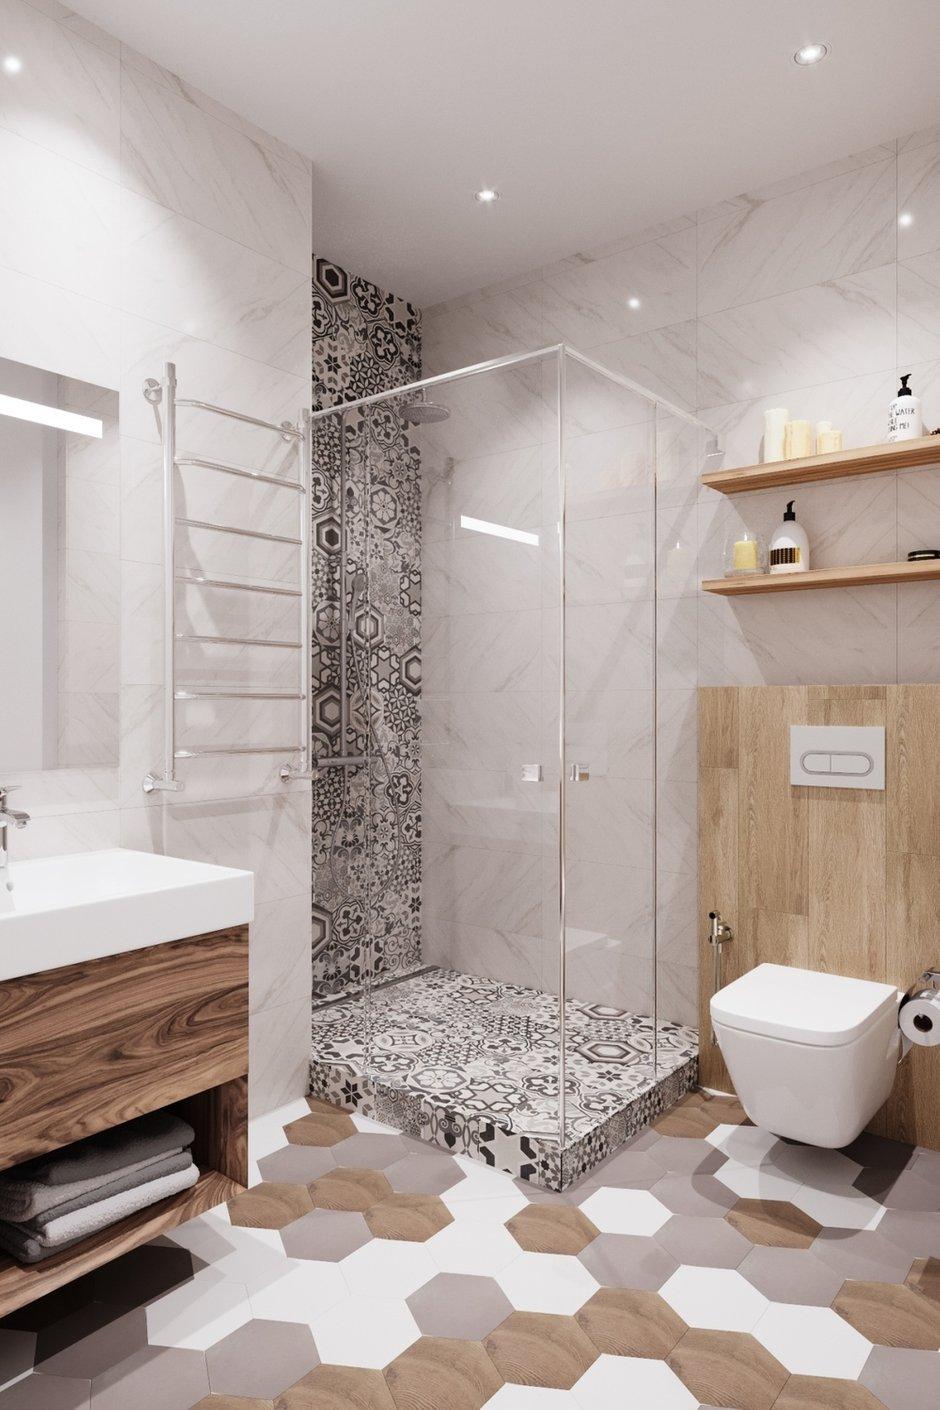 Фотография: Ванная в стиле Современный, Квартира, Проект недели, Москва, Дарья Ельникова, Монолитный дом, 3 комнаты, 60-90 метров – фото на INMYROOM